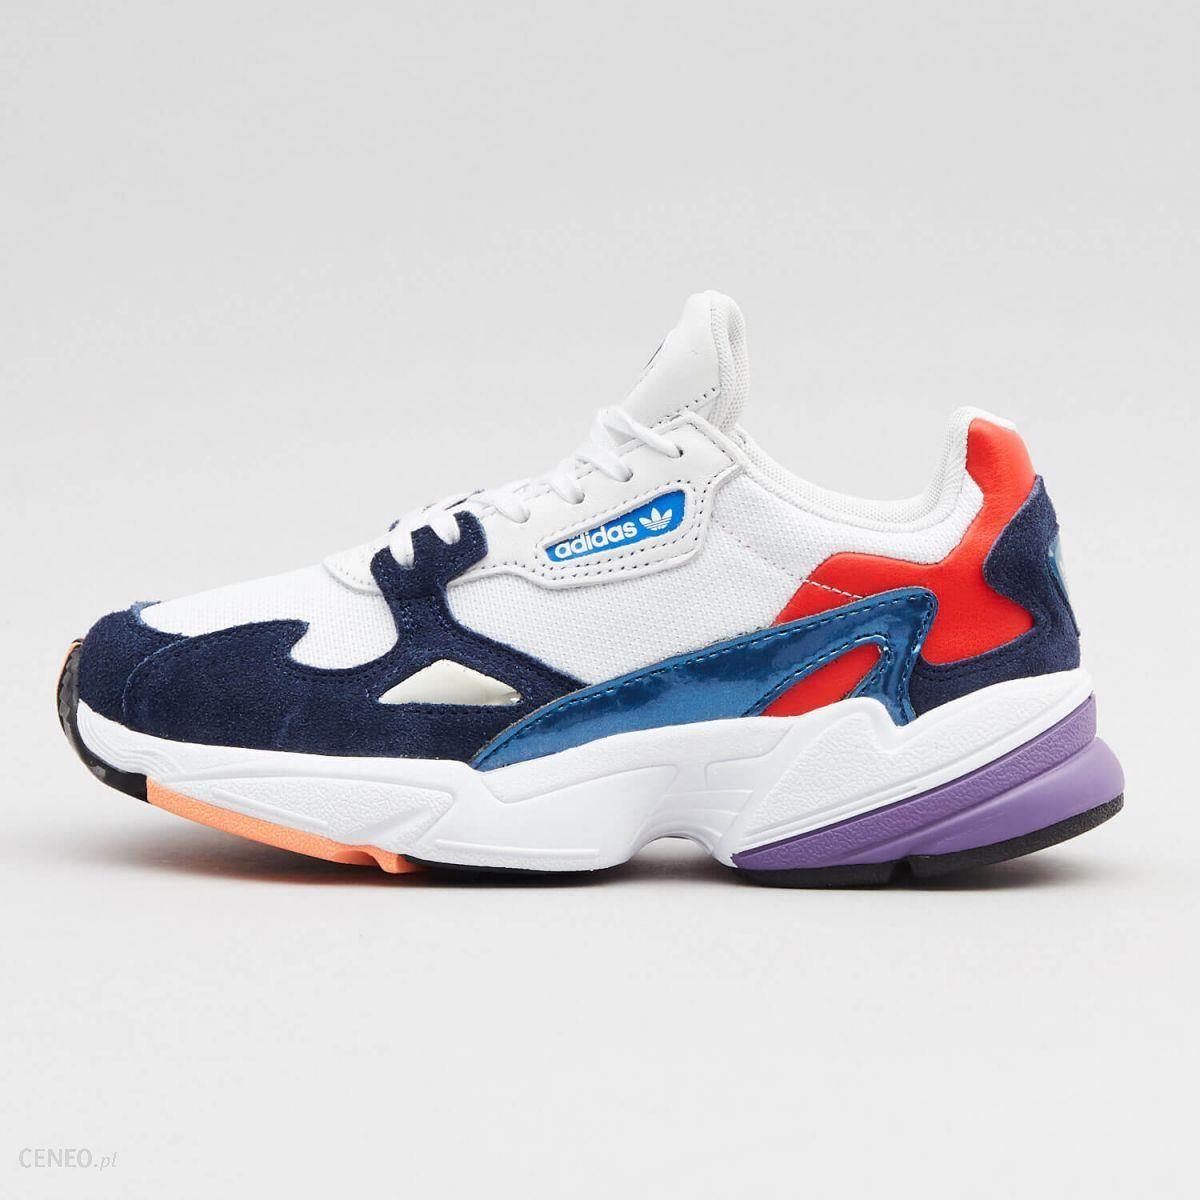 wyprzedaż w sprzedaży popularna marka Hurt Adidas FALCON W CG6246 - Ceny i opinie - Ceneo.pl